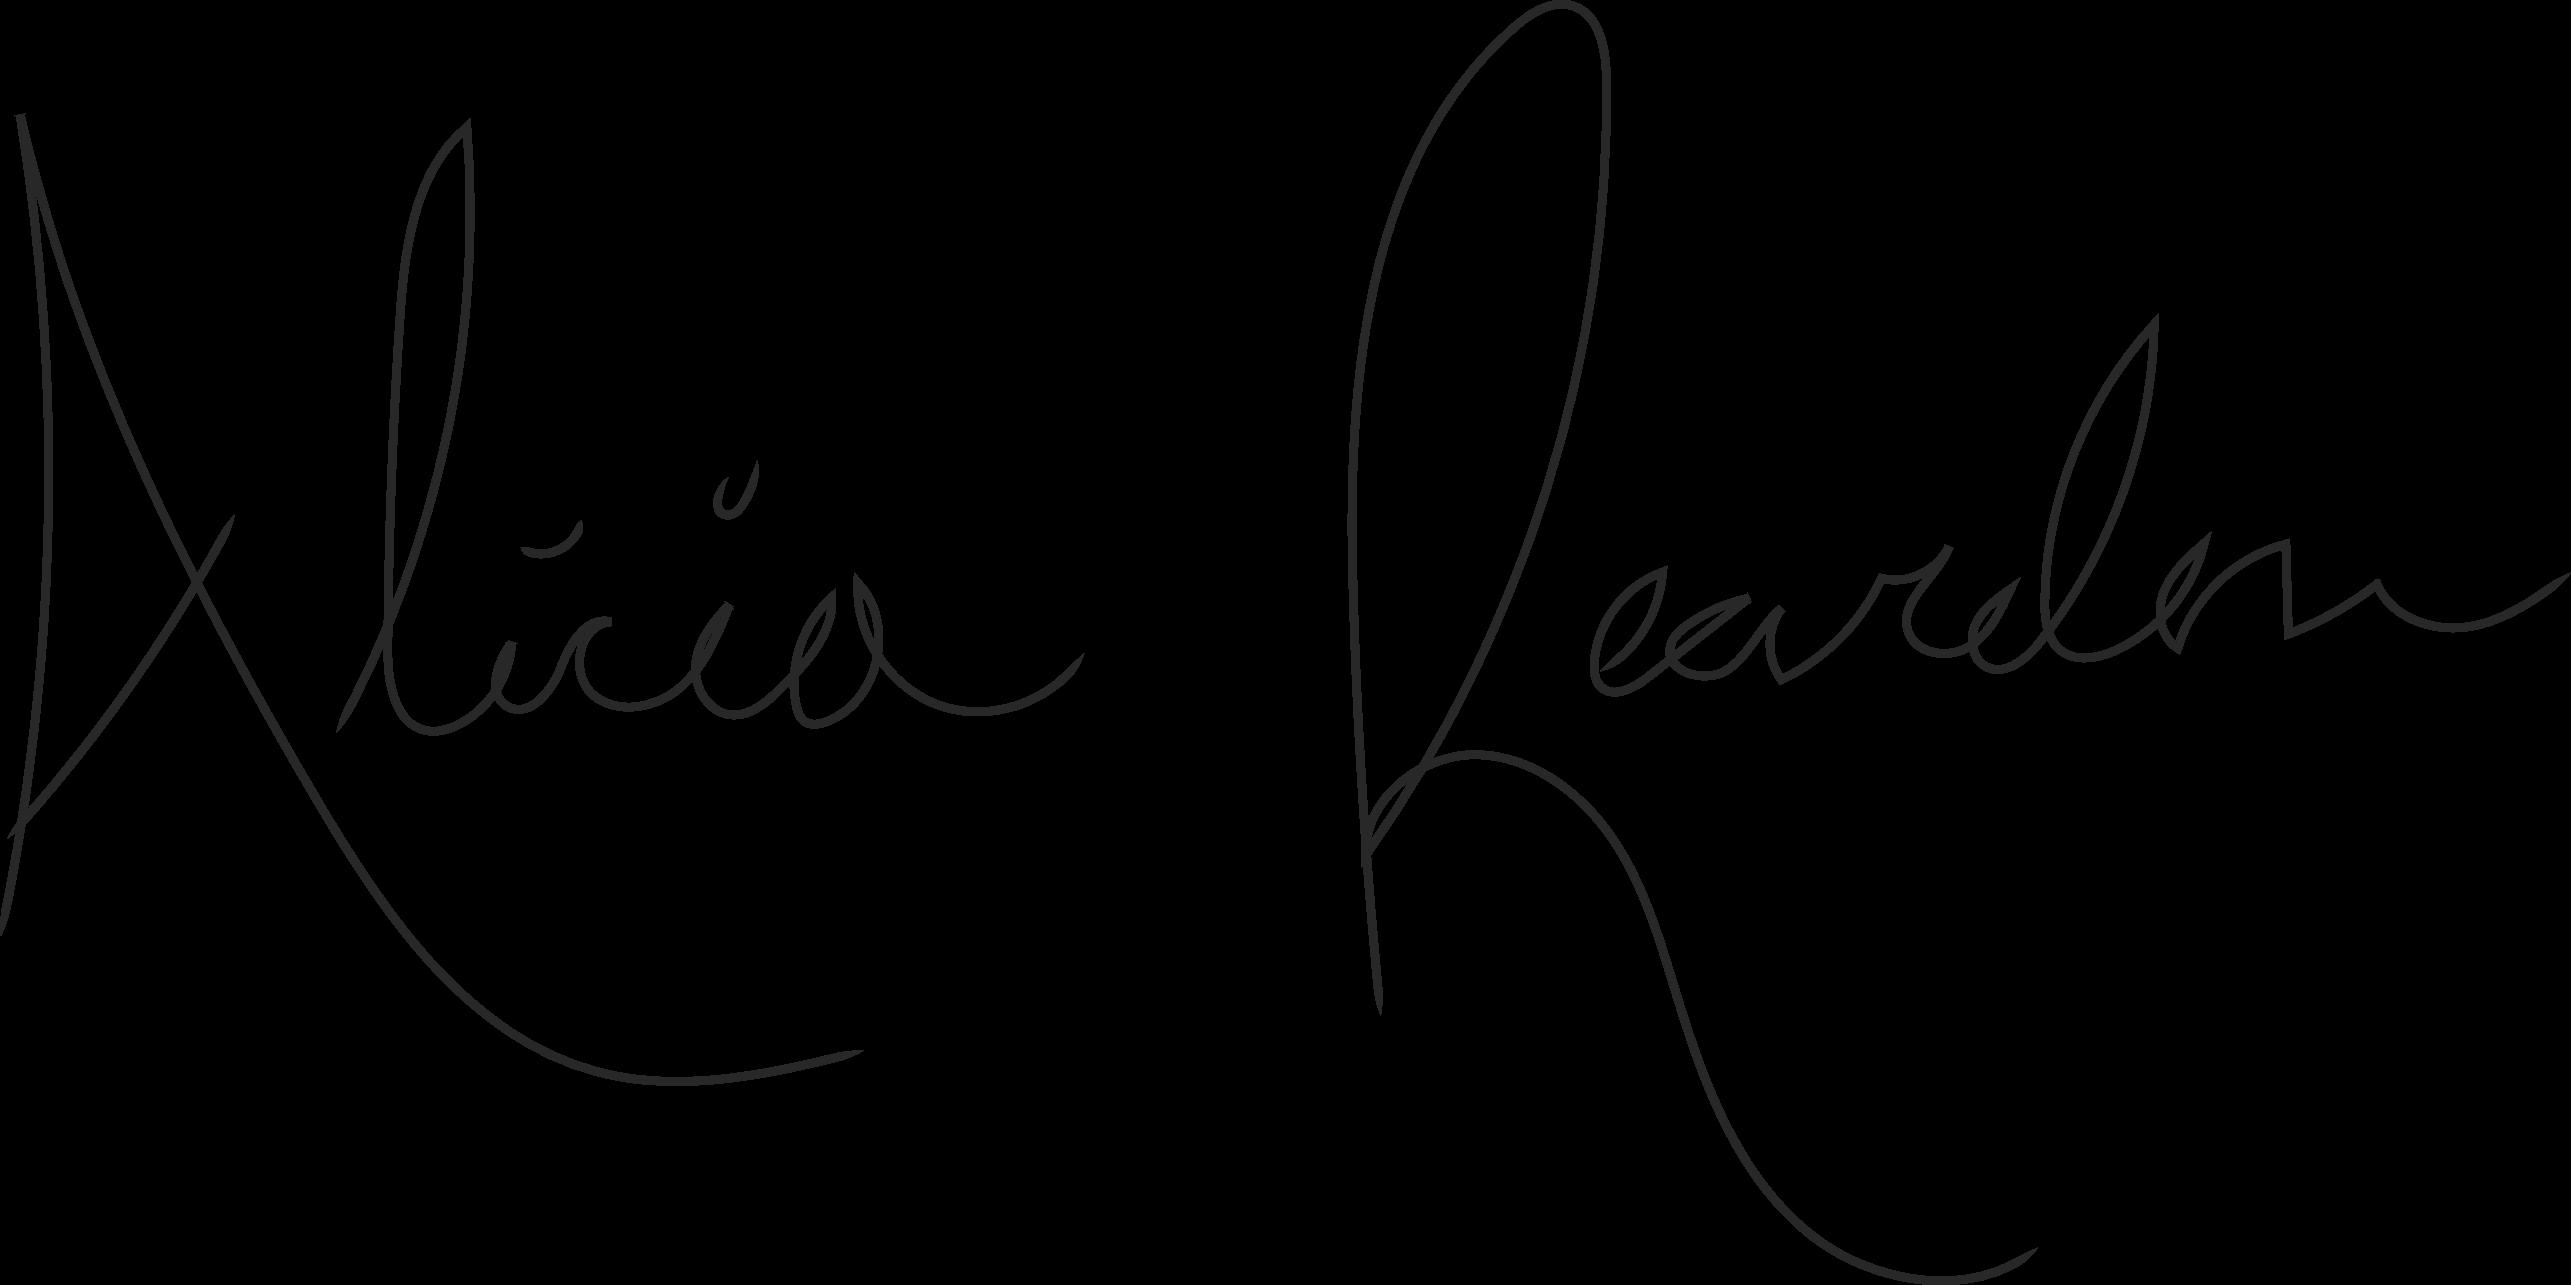 Alicia Reardon's Signature